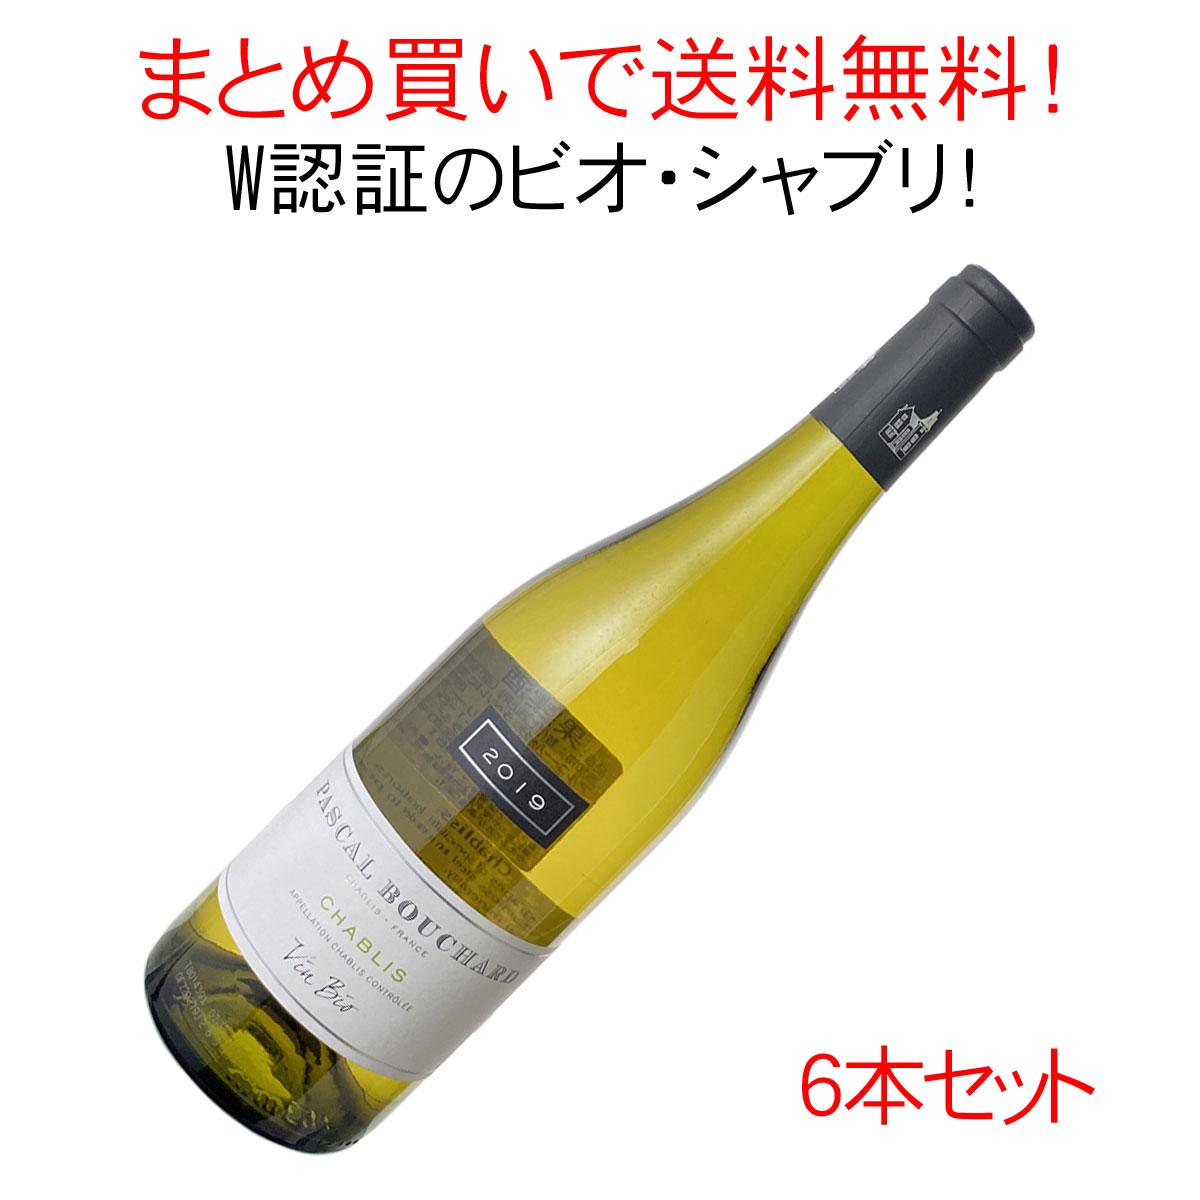 【送料無料】シャブリ ビオ [2019] パスカル・ブシャール 1ケース6本セット <ワイン/ブルゴーニュ>